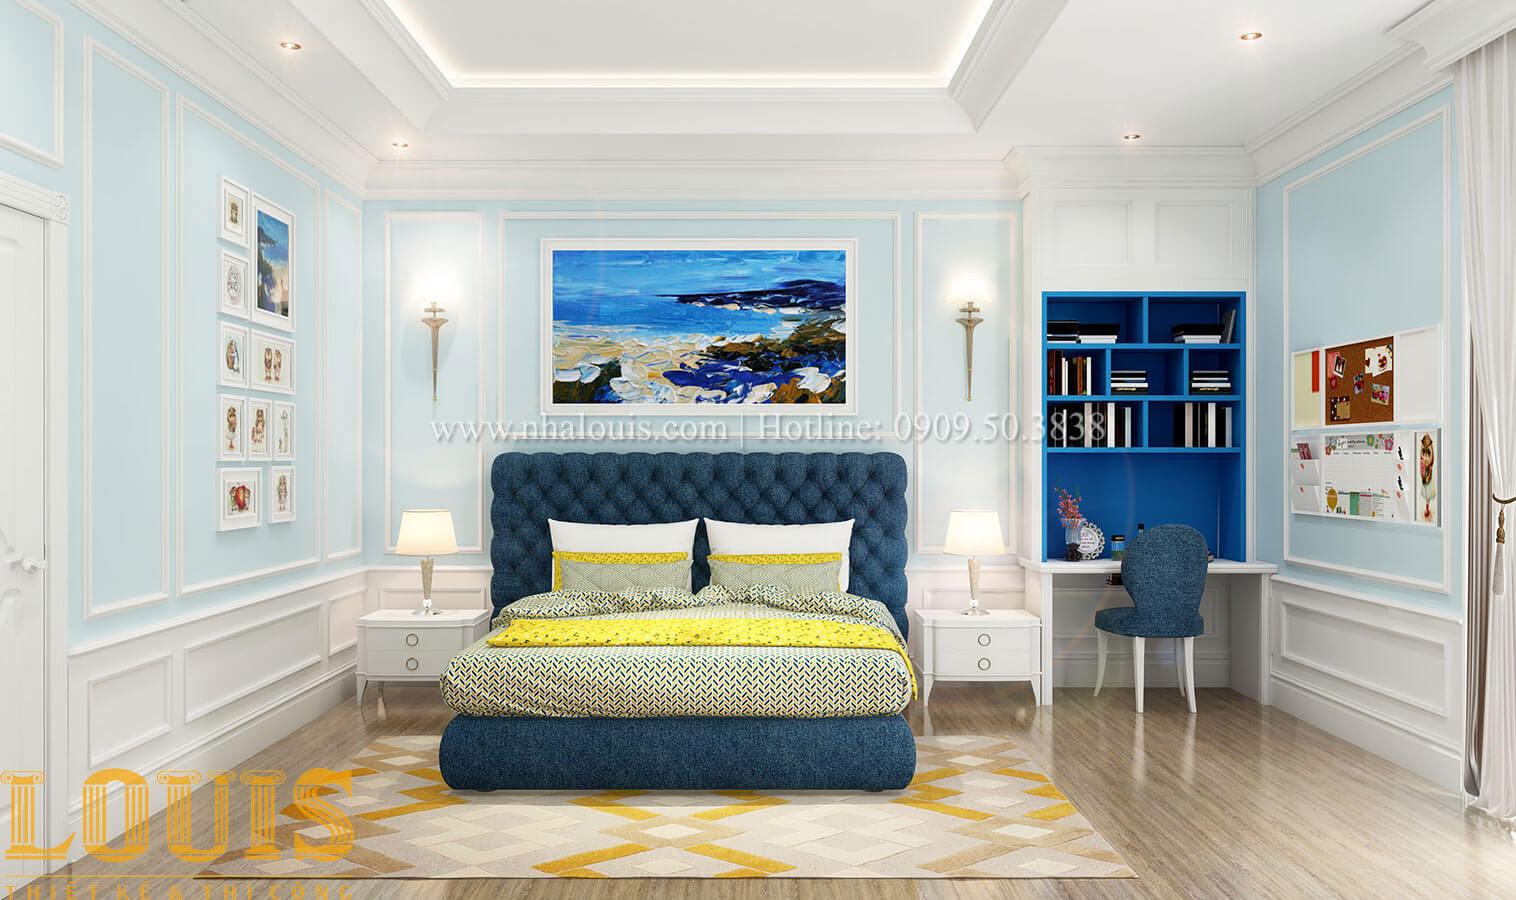 Phòng ngủ Thiết kế biệt thự 3 tầng đẹp có sân vườn ở miền quê Đồng Nai - 24